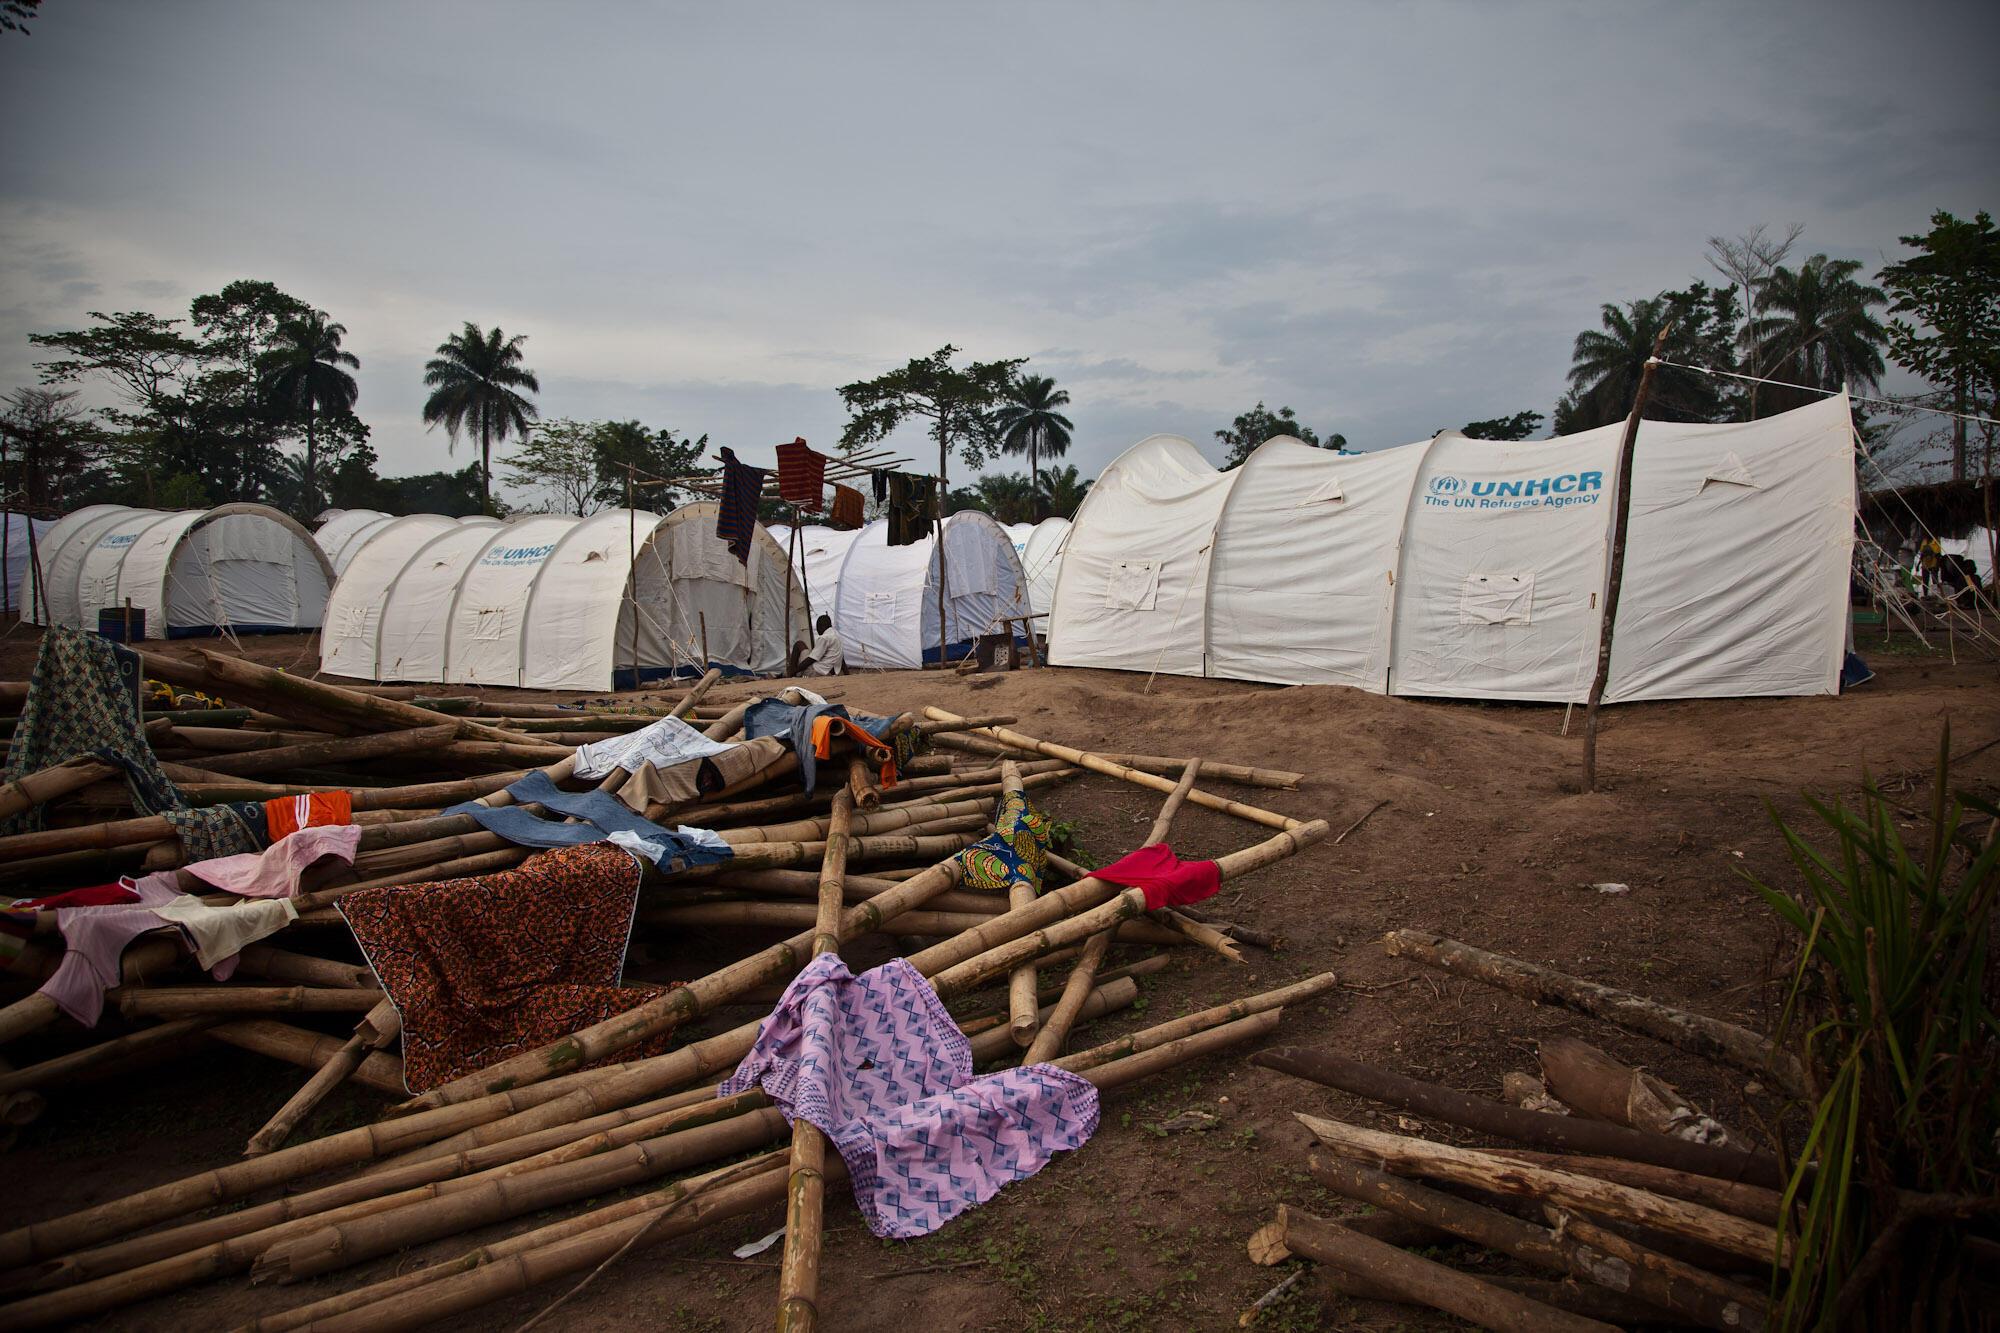 De plus de 300 000 en 2011, il reste aujourd'hui environ 50 000 réfugiés ivoiriens. Ici, un camp au Liberia.